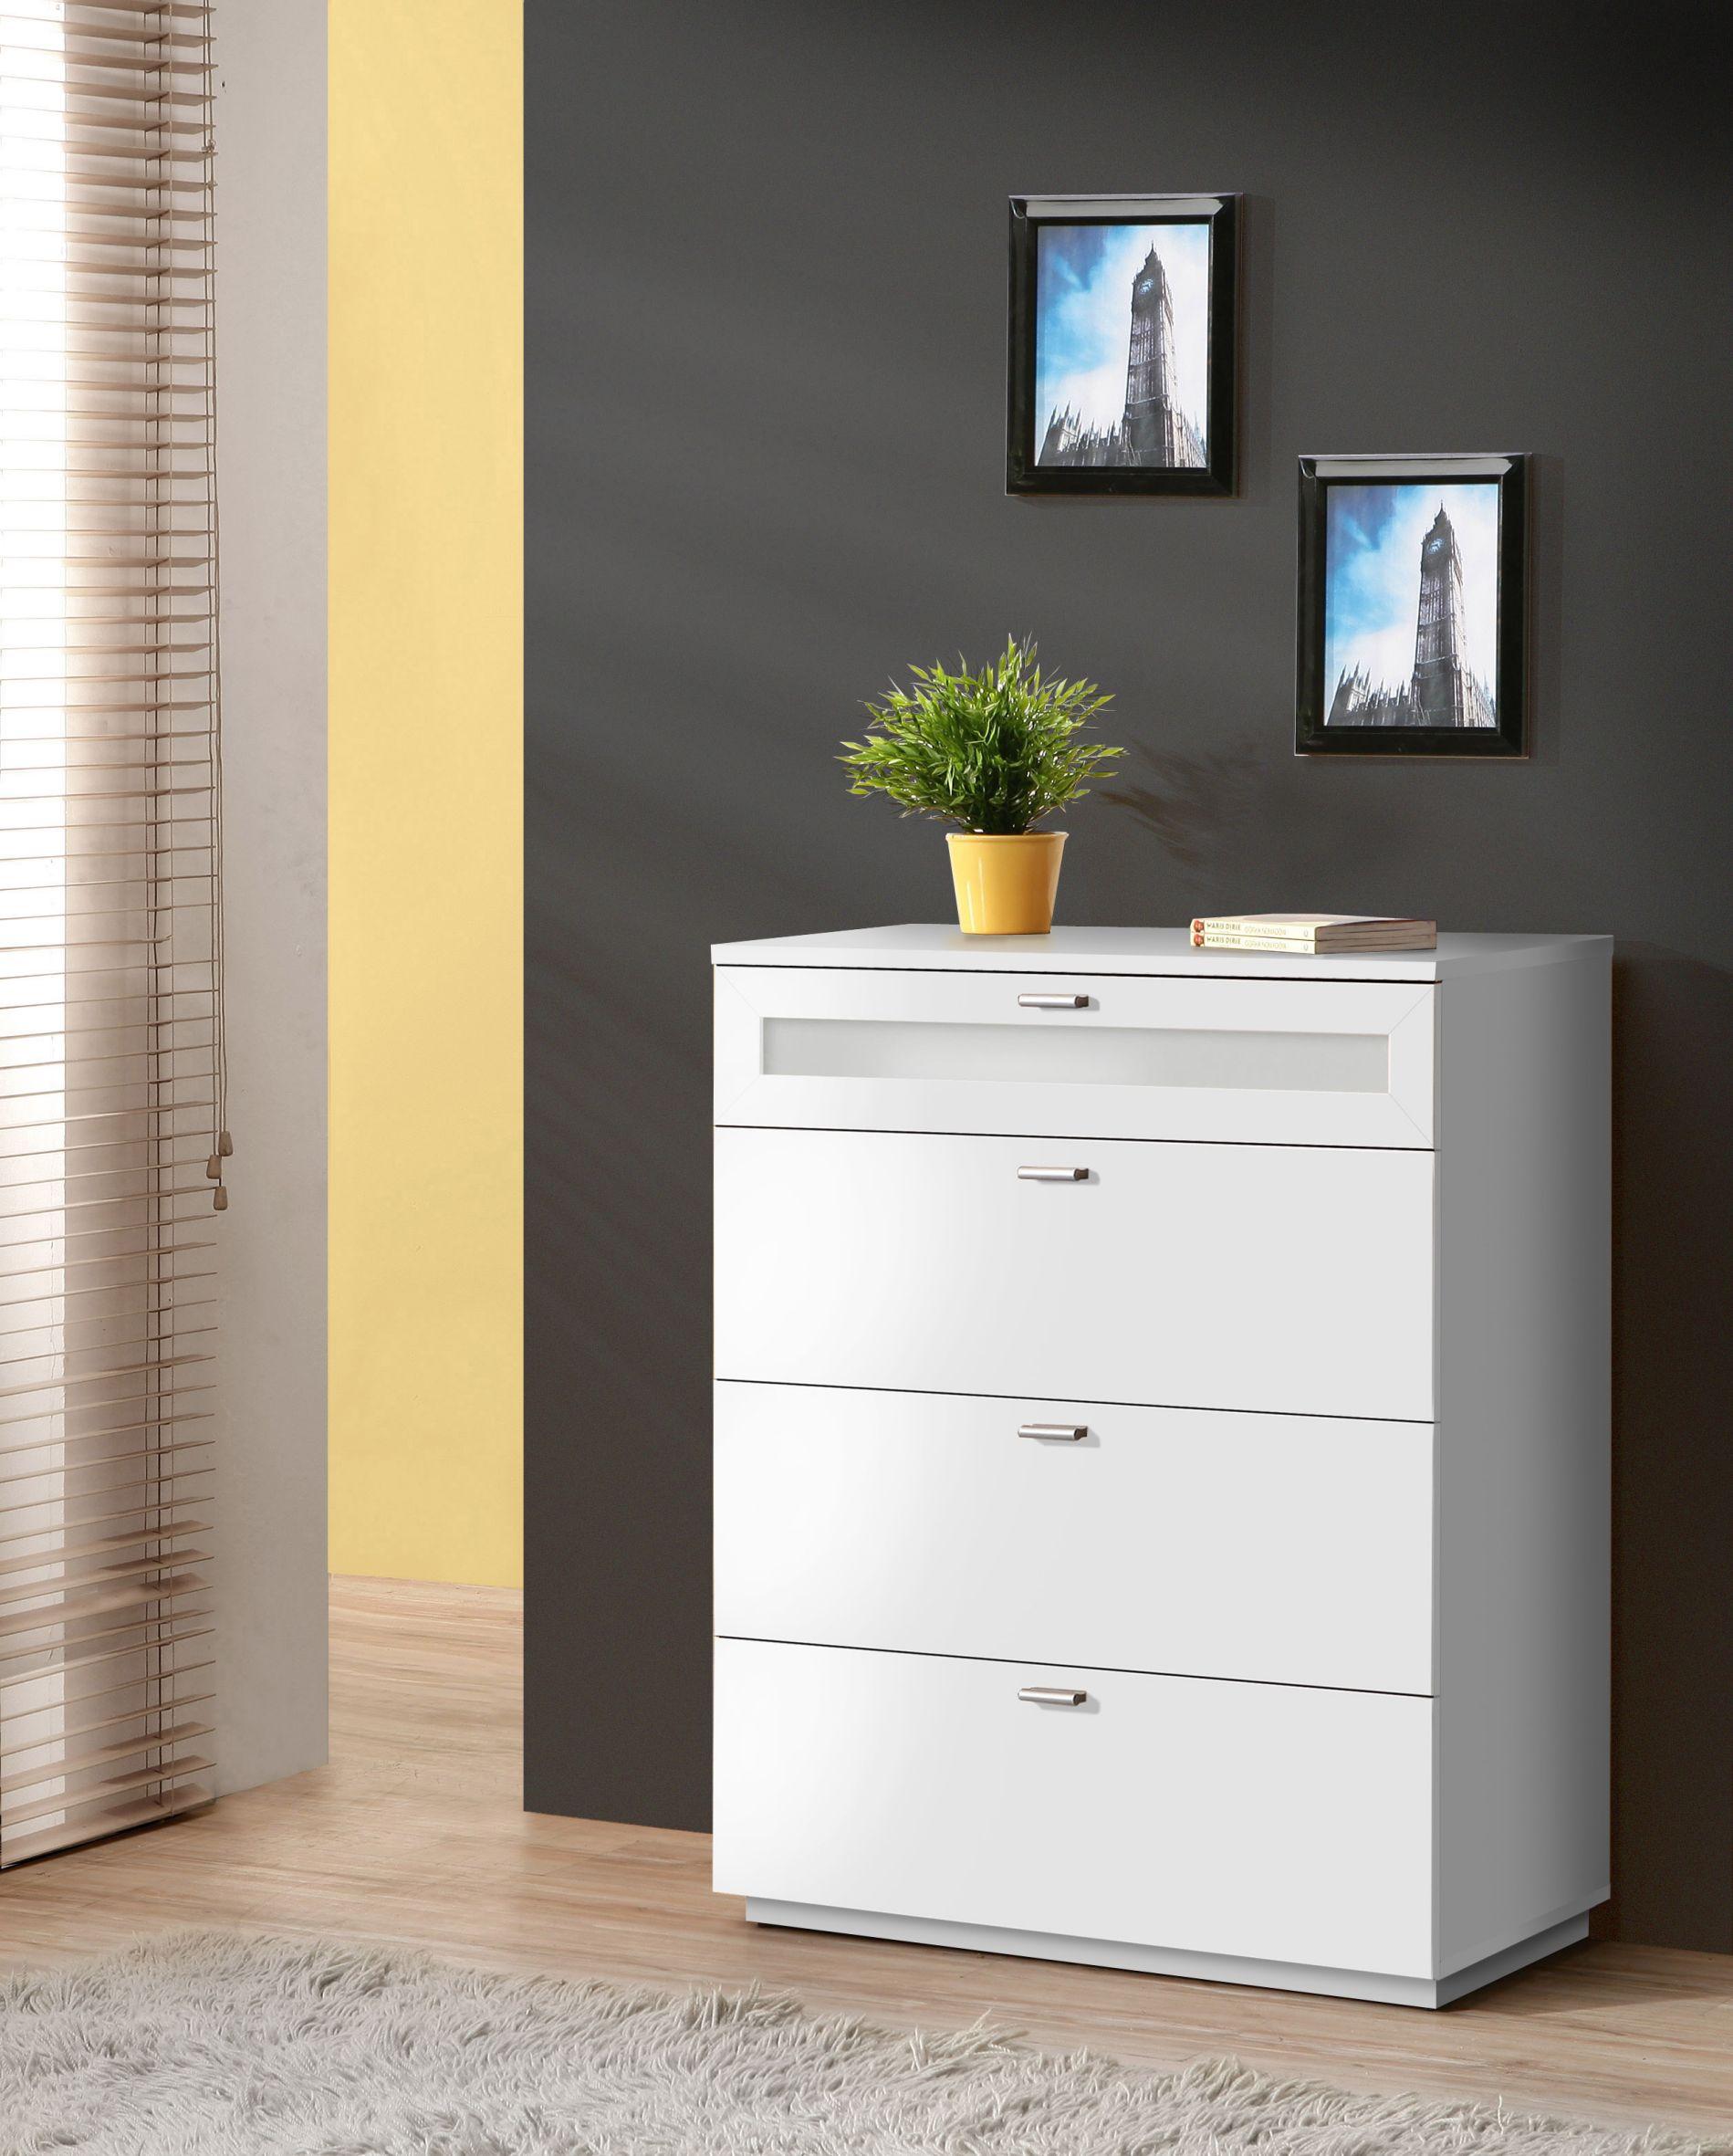 Full Size of Schlafzimmer Kommode Nexus Mit 4 Schubksten Massivholz Vorhänge Gardinen Für Weiß Teppich Lampe Kommoden Wandtattoo Deckenlampe Wandleuchte Klimagerät Schlafzimmer Kommode Schlafzimmer